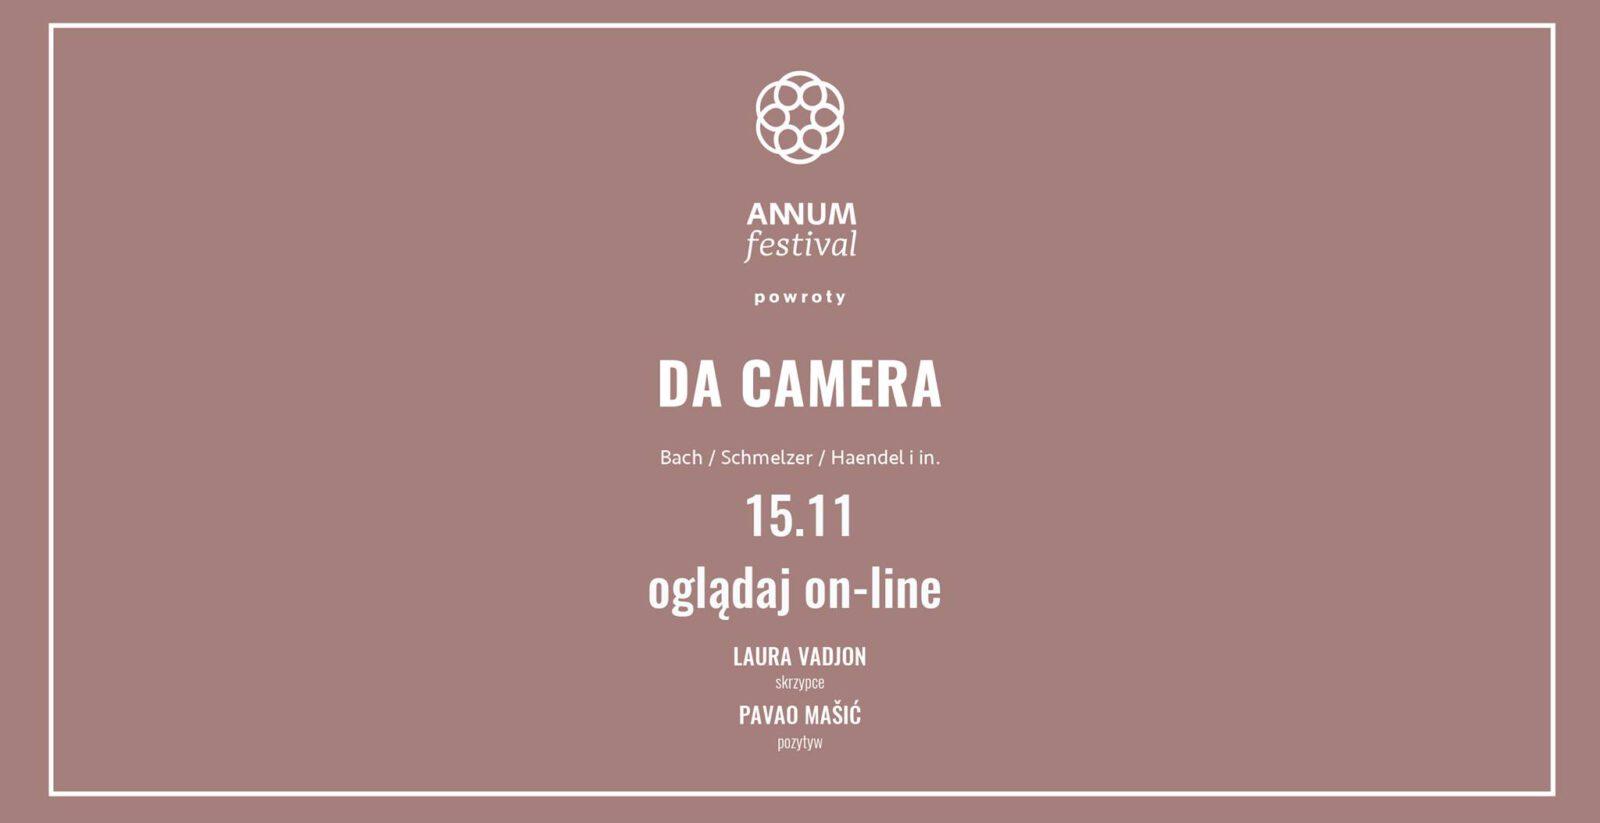 Annum Festival zaproszenie do oglądania online. 15.11.2020 - infografika